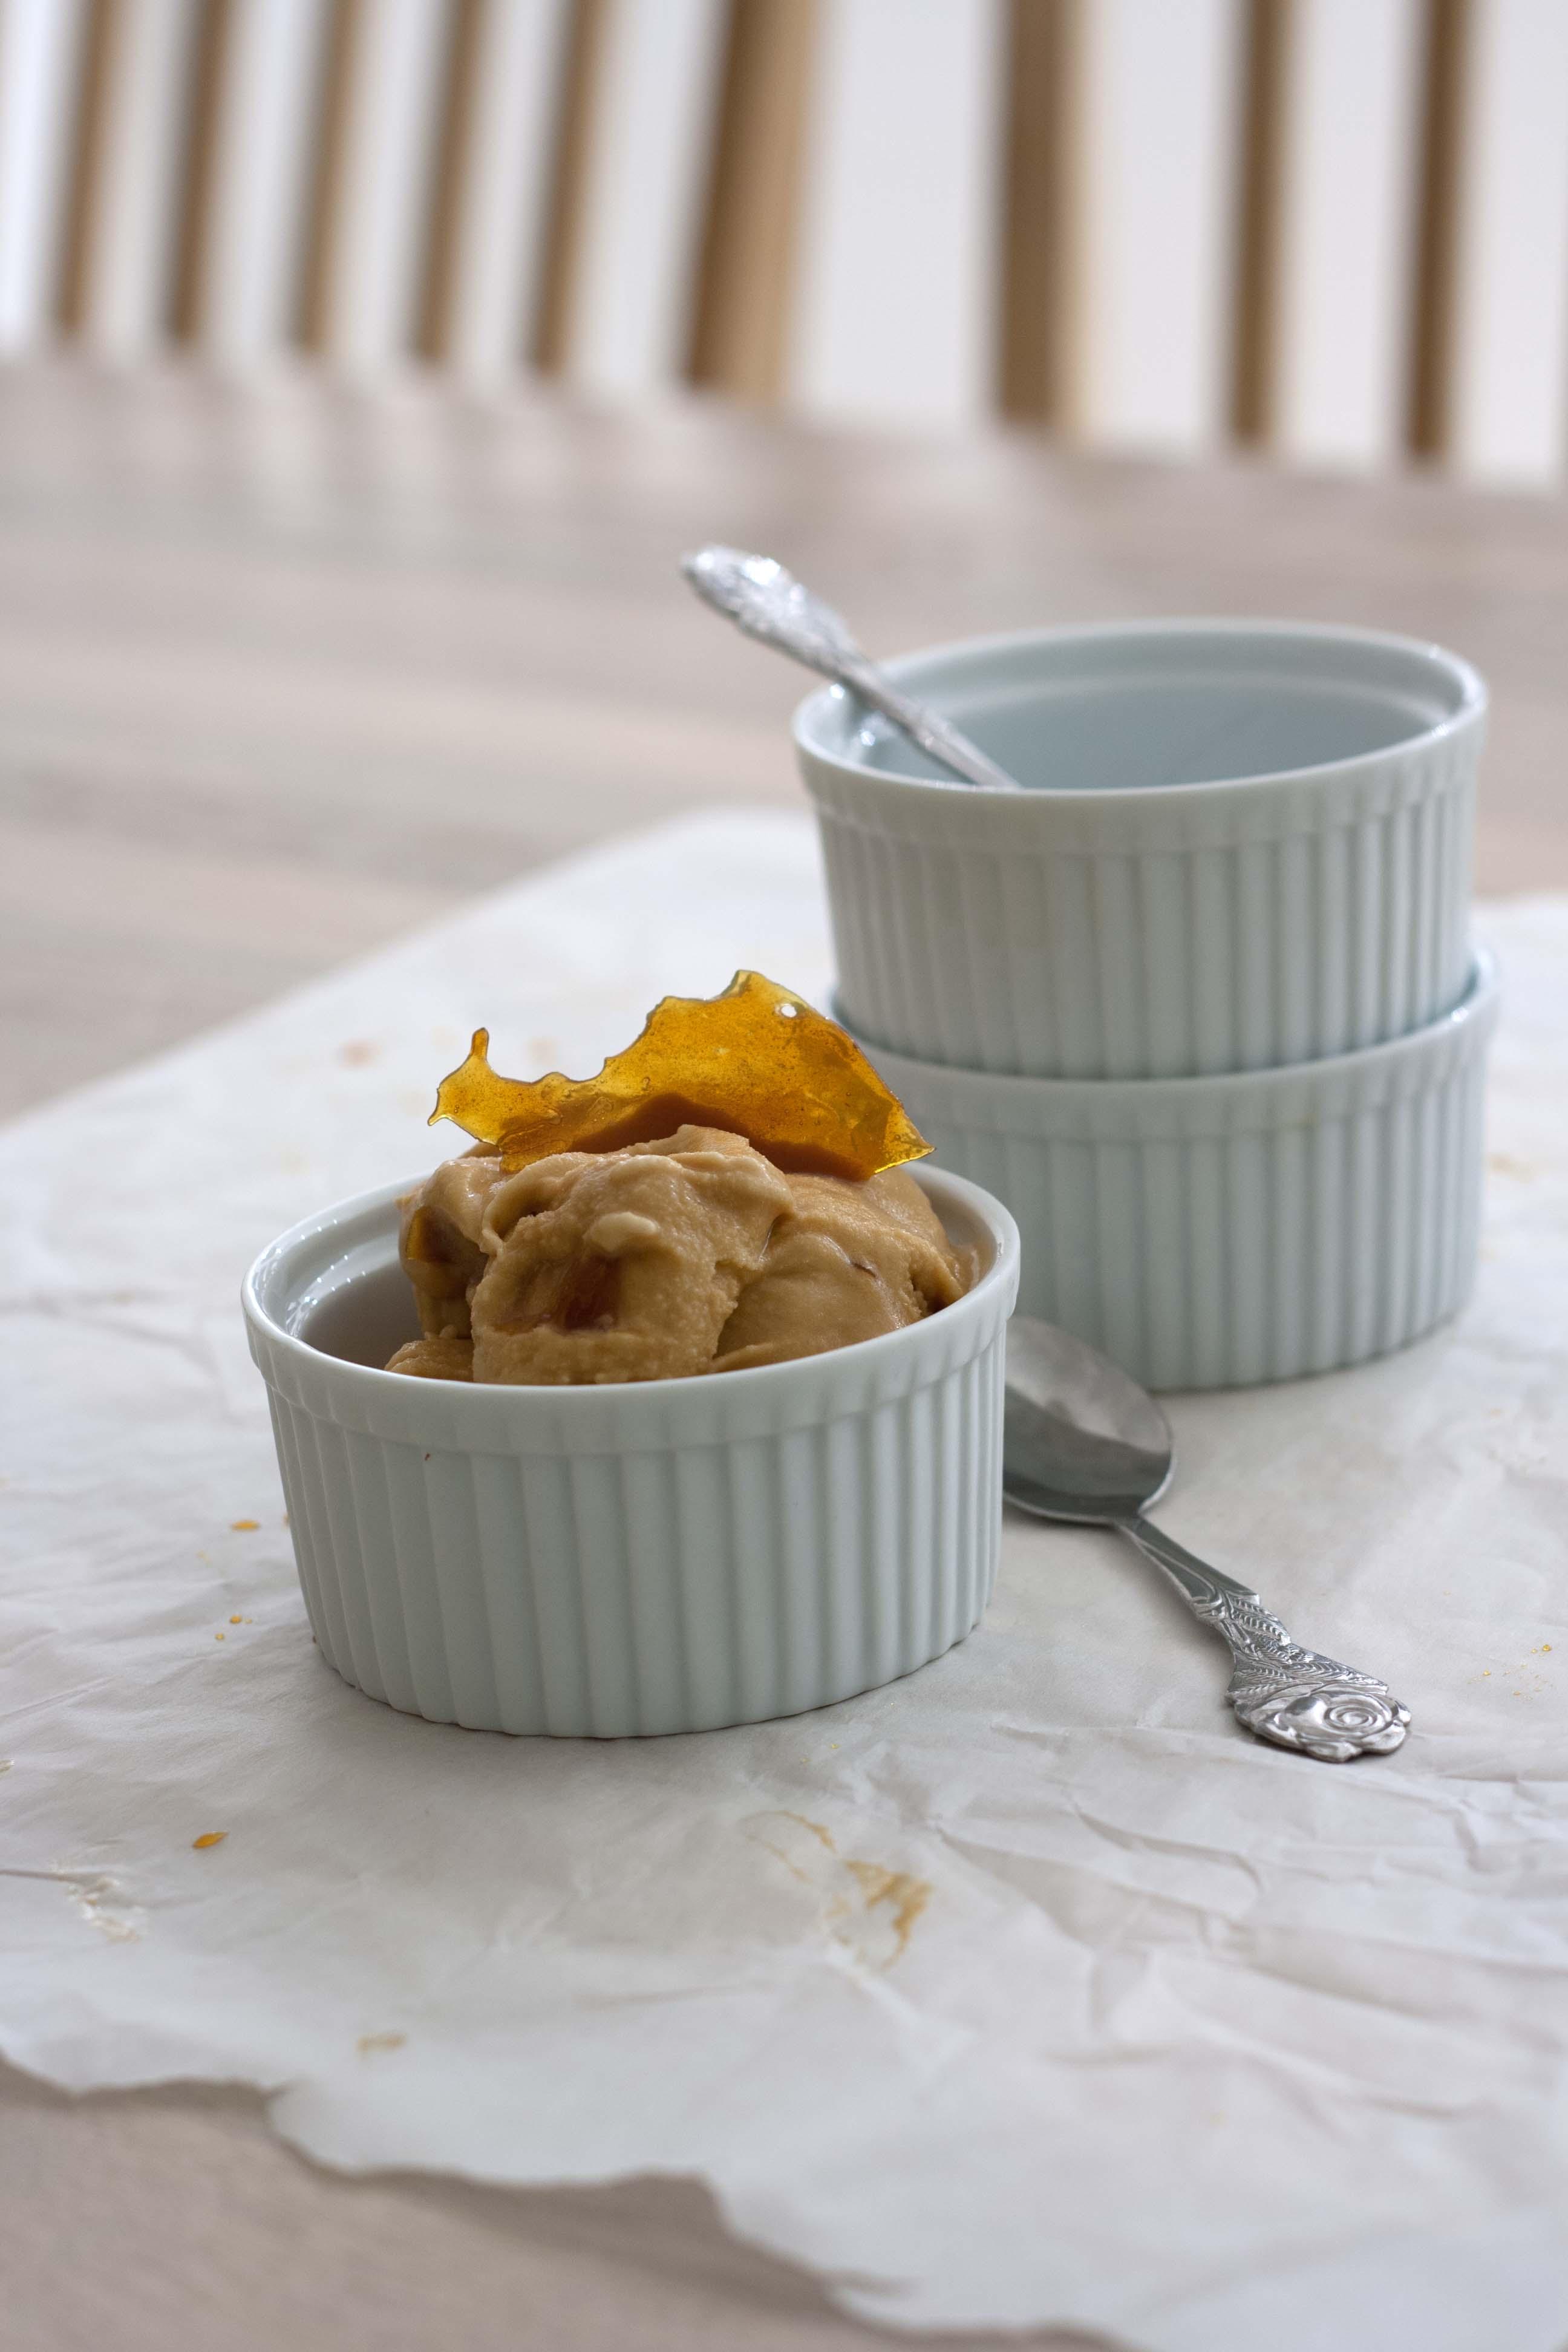 Opskrift på hjemmelavet Karamelis med karamelstykker, karamelsauce - Recipe on homemade Caramel Ice Cream